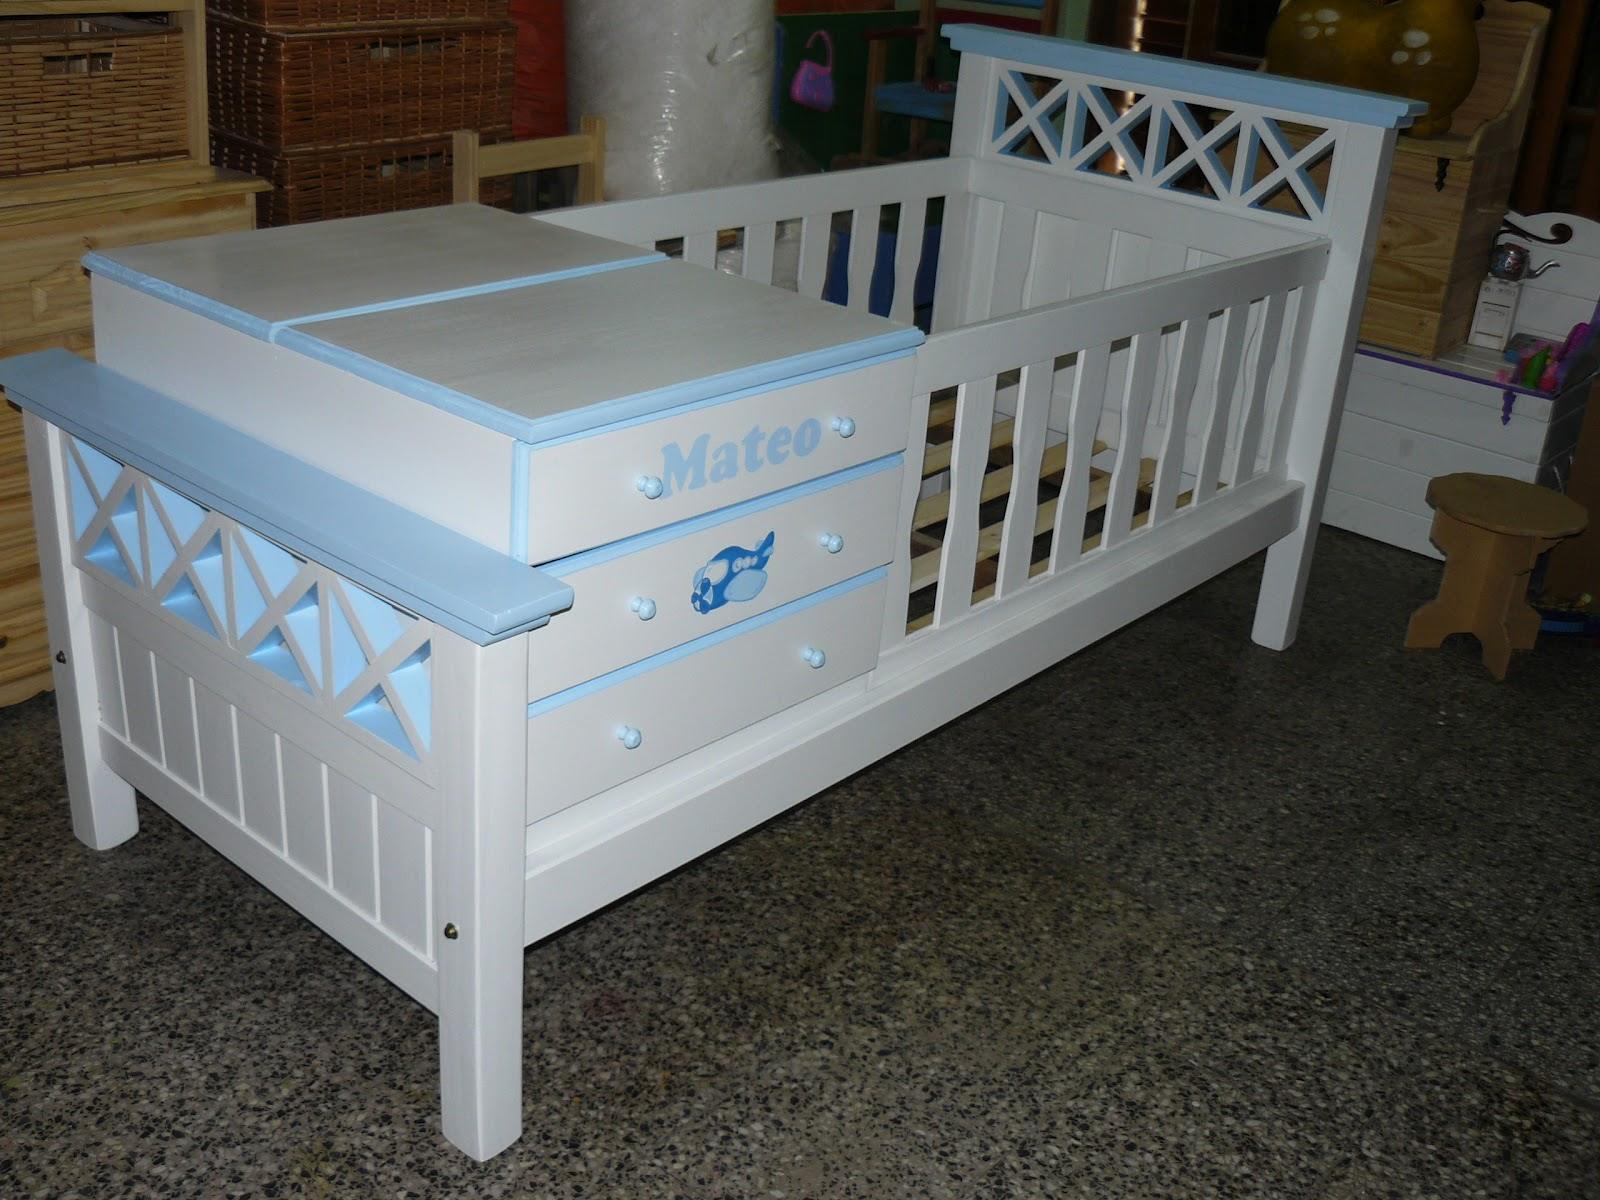 Muebles y decoraci n puerto sof a cuna funcional - Muebles y decoracion ...